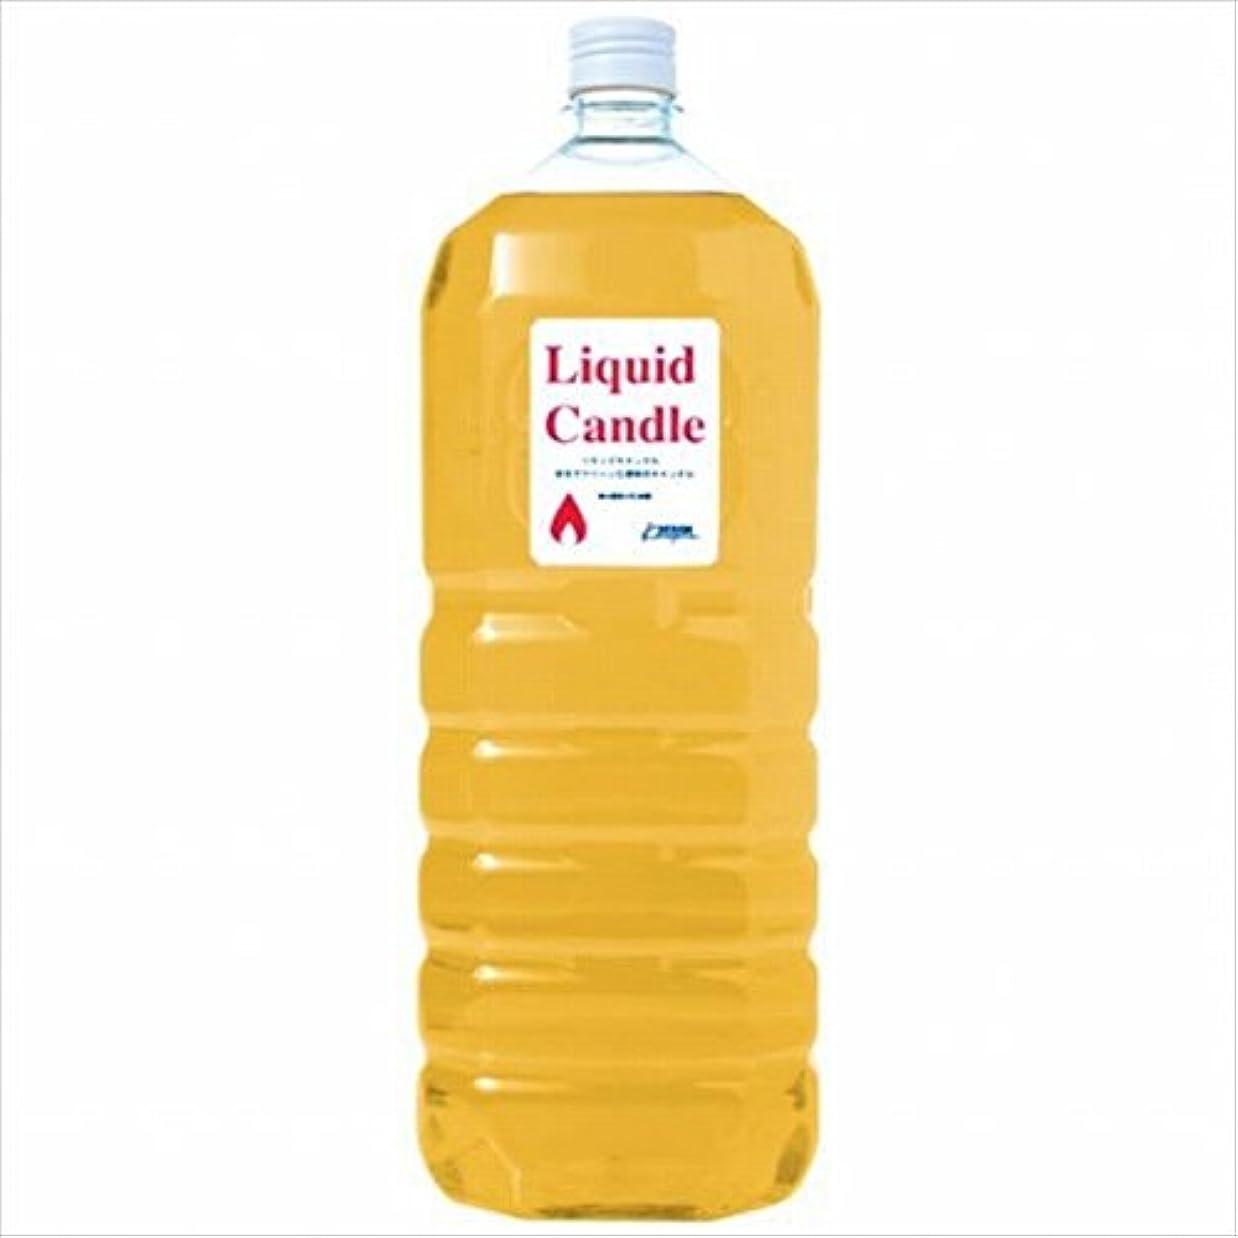 装備する胃オフカメヤマキャンドル(kameyama candle) リキッドキャンドル2リットル 「 イエロー 」